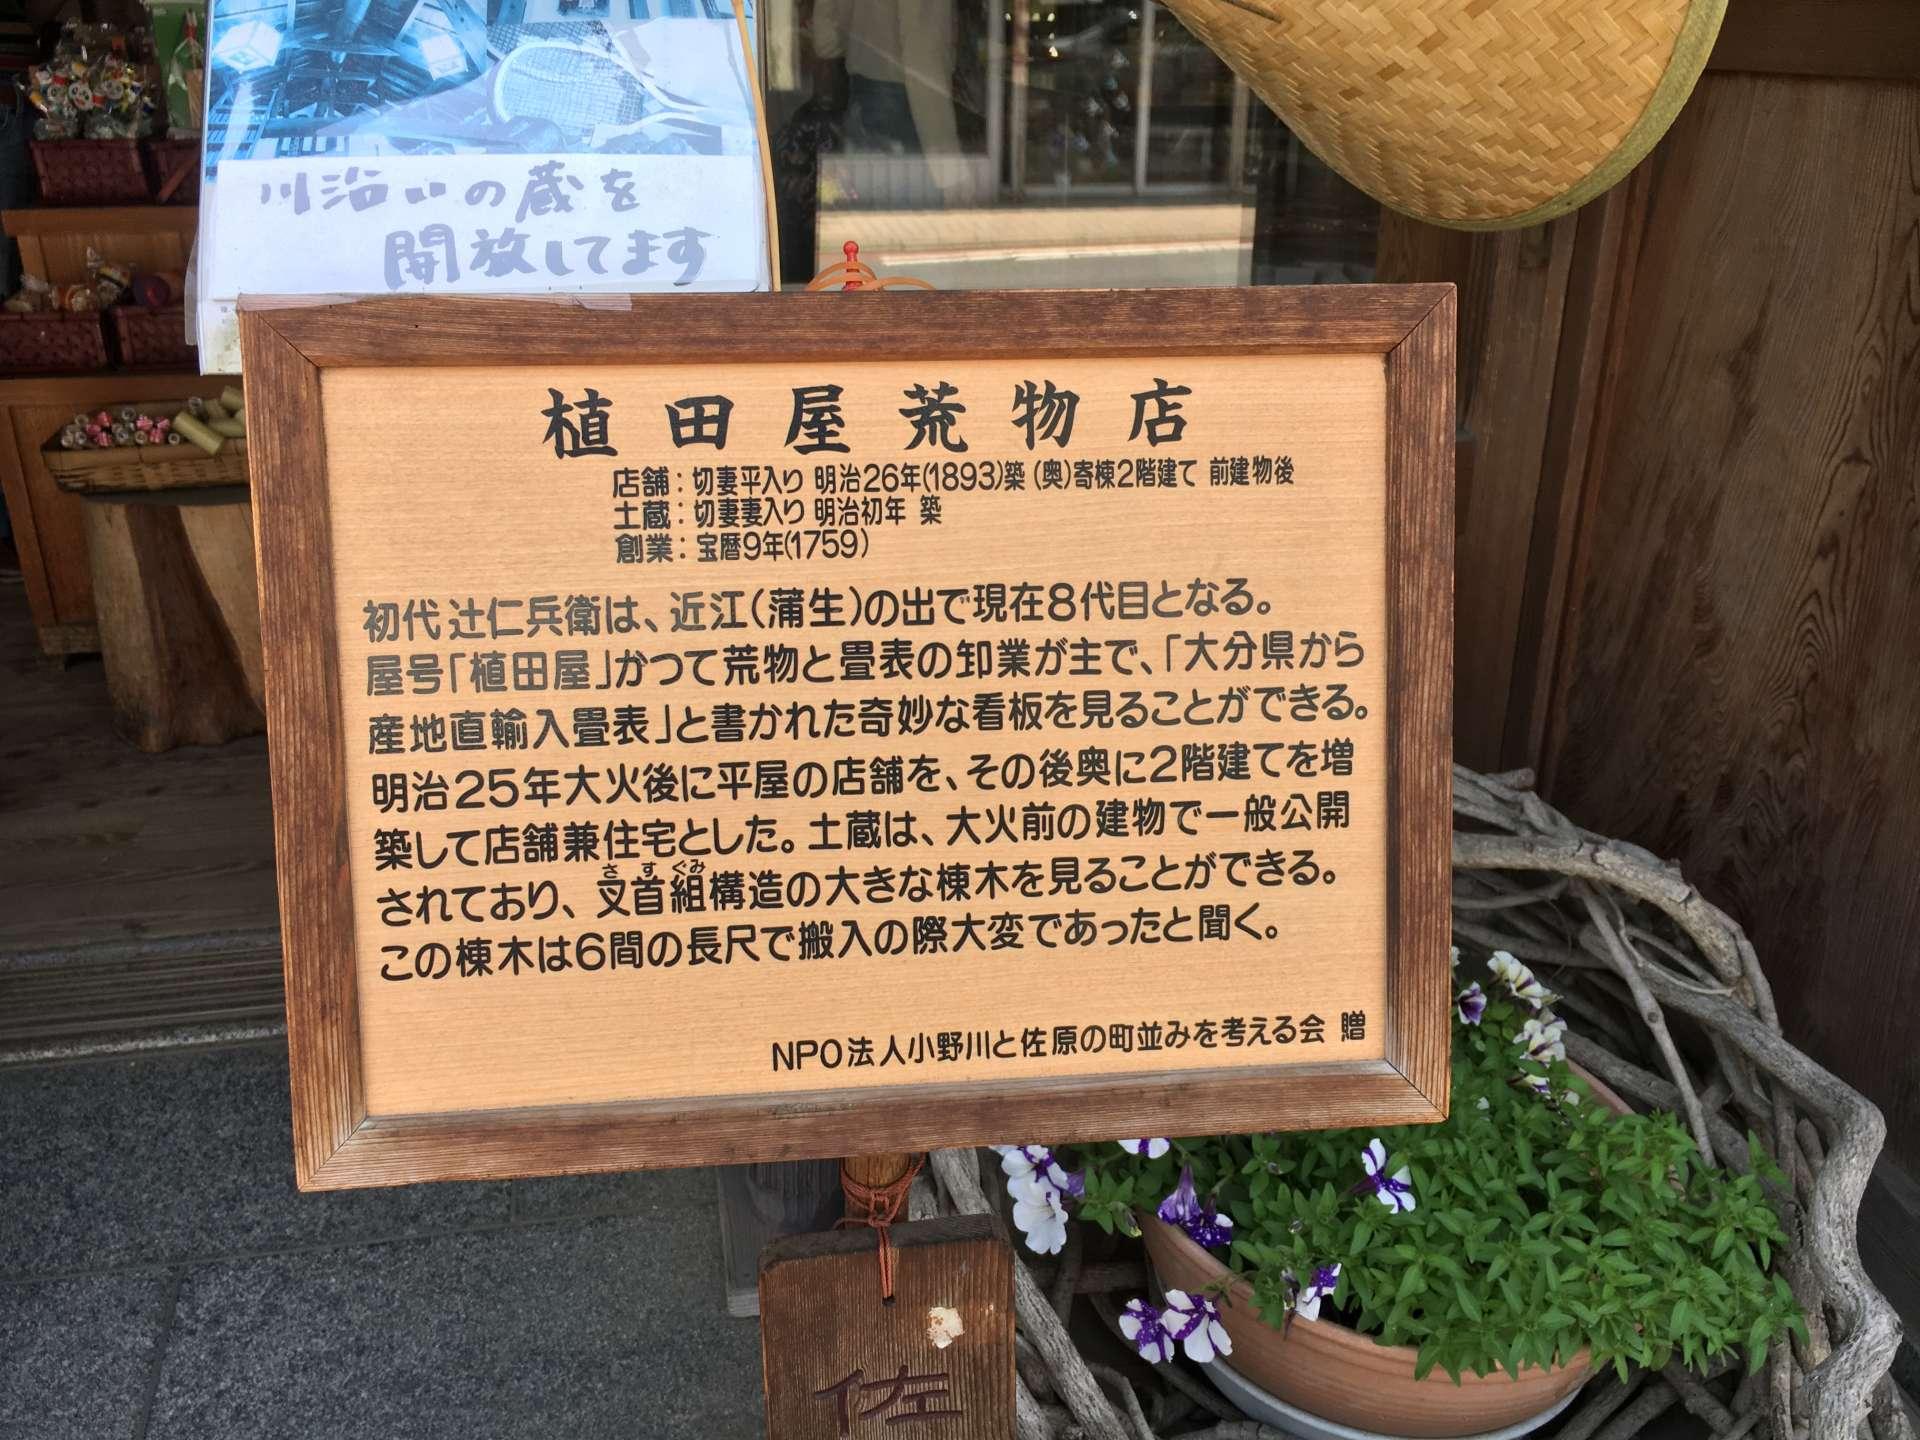 植田屋荒物店